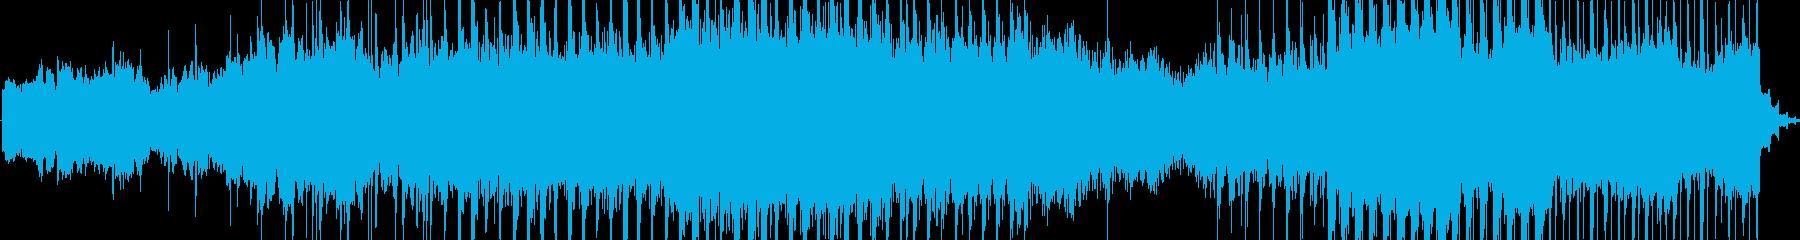 産業用。うわさ。 Efx。緊張。の再生済みの波形